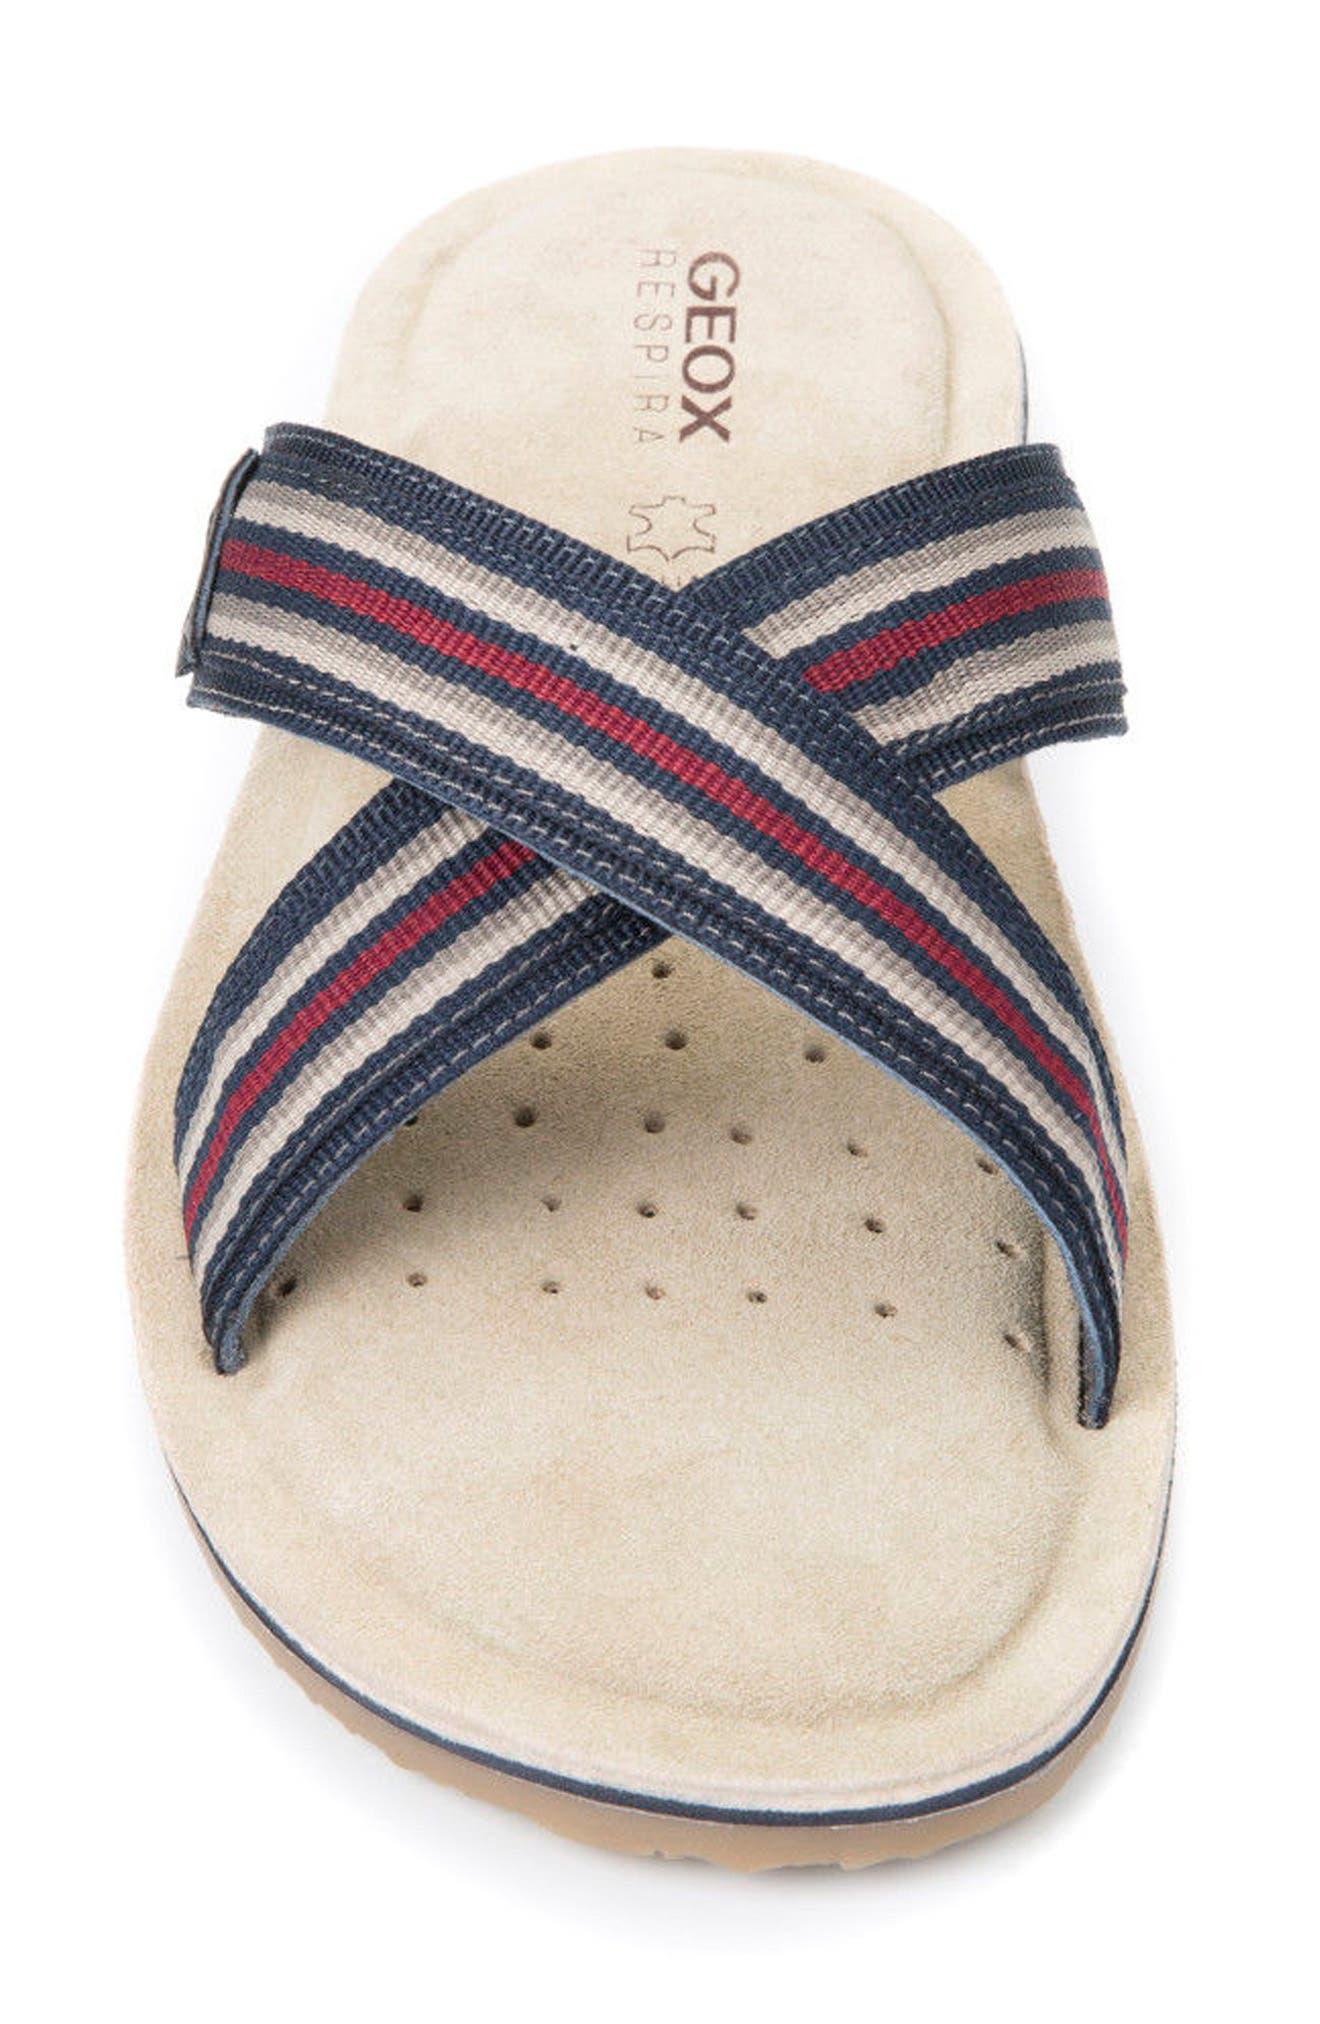 Artie 14 Cross Strap Slide Sandal,                             Alternate thumbnail 4, color,                             Navy